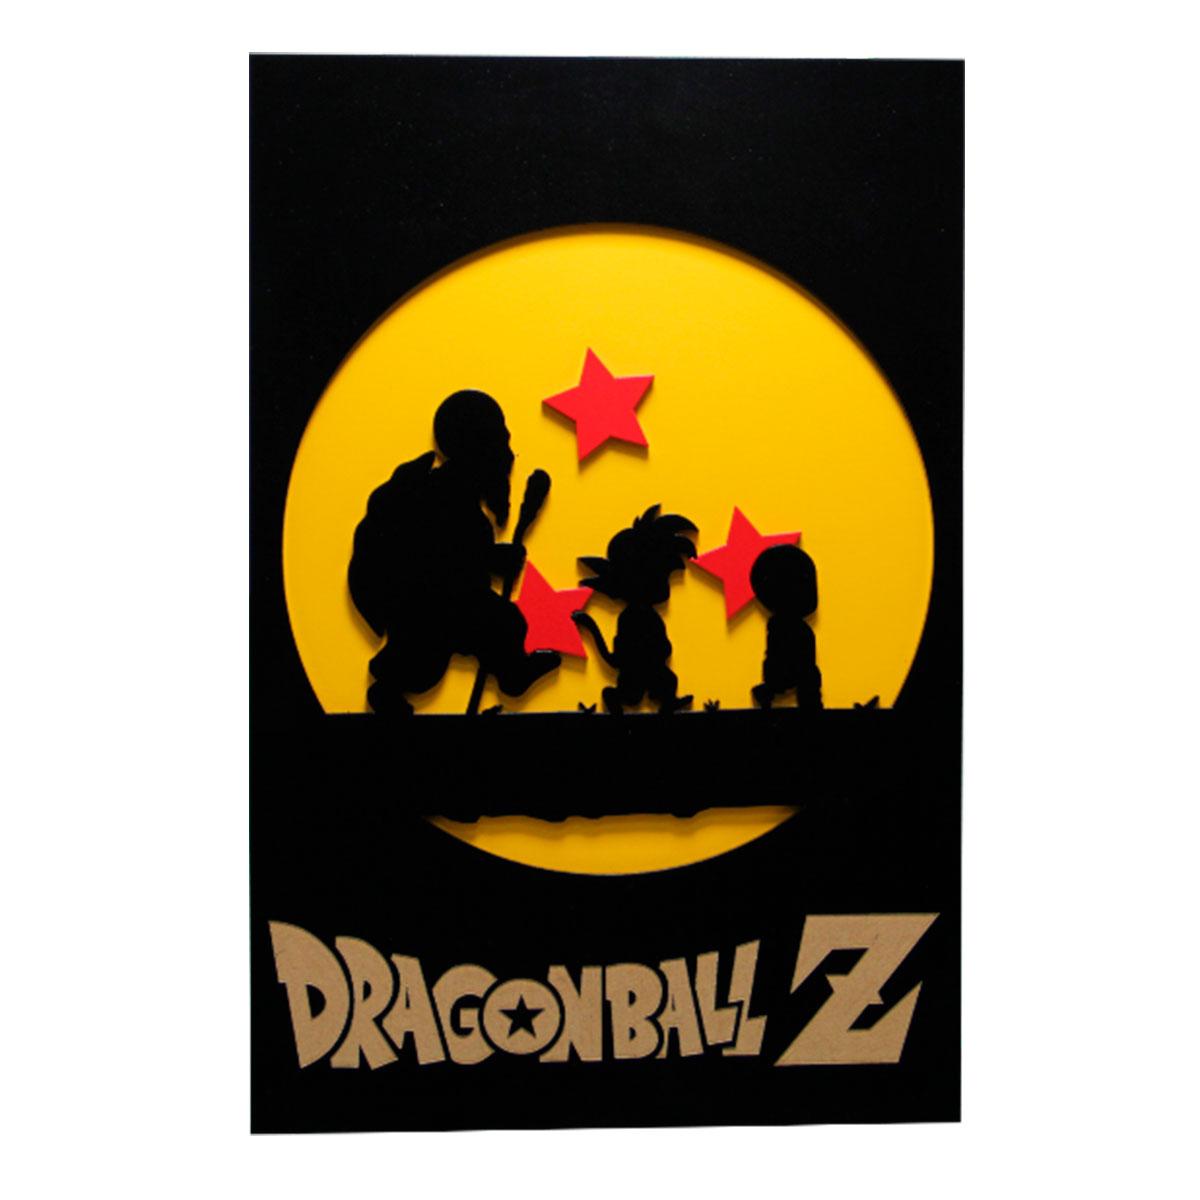 Quadro 3D  Dragon Ball Z Esferas do Dragão Shenlong 30x20cm - Presente Super